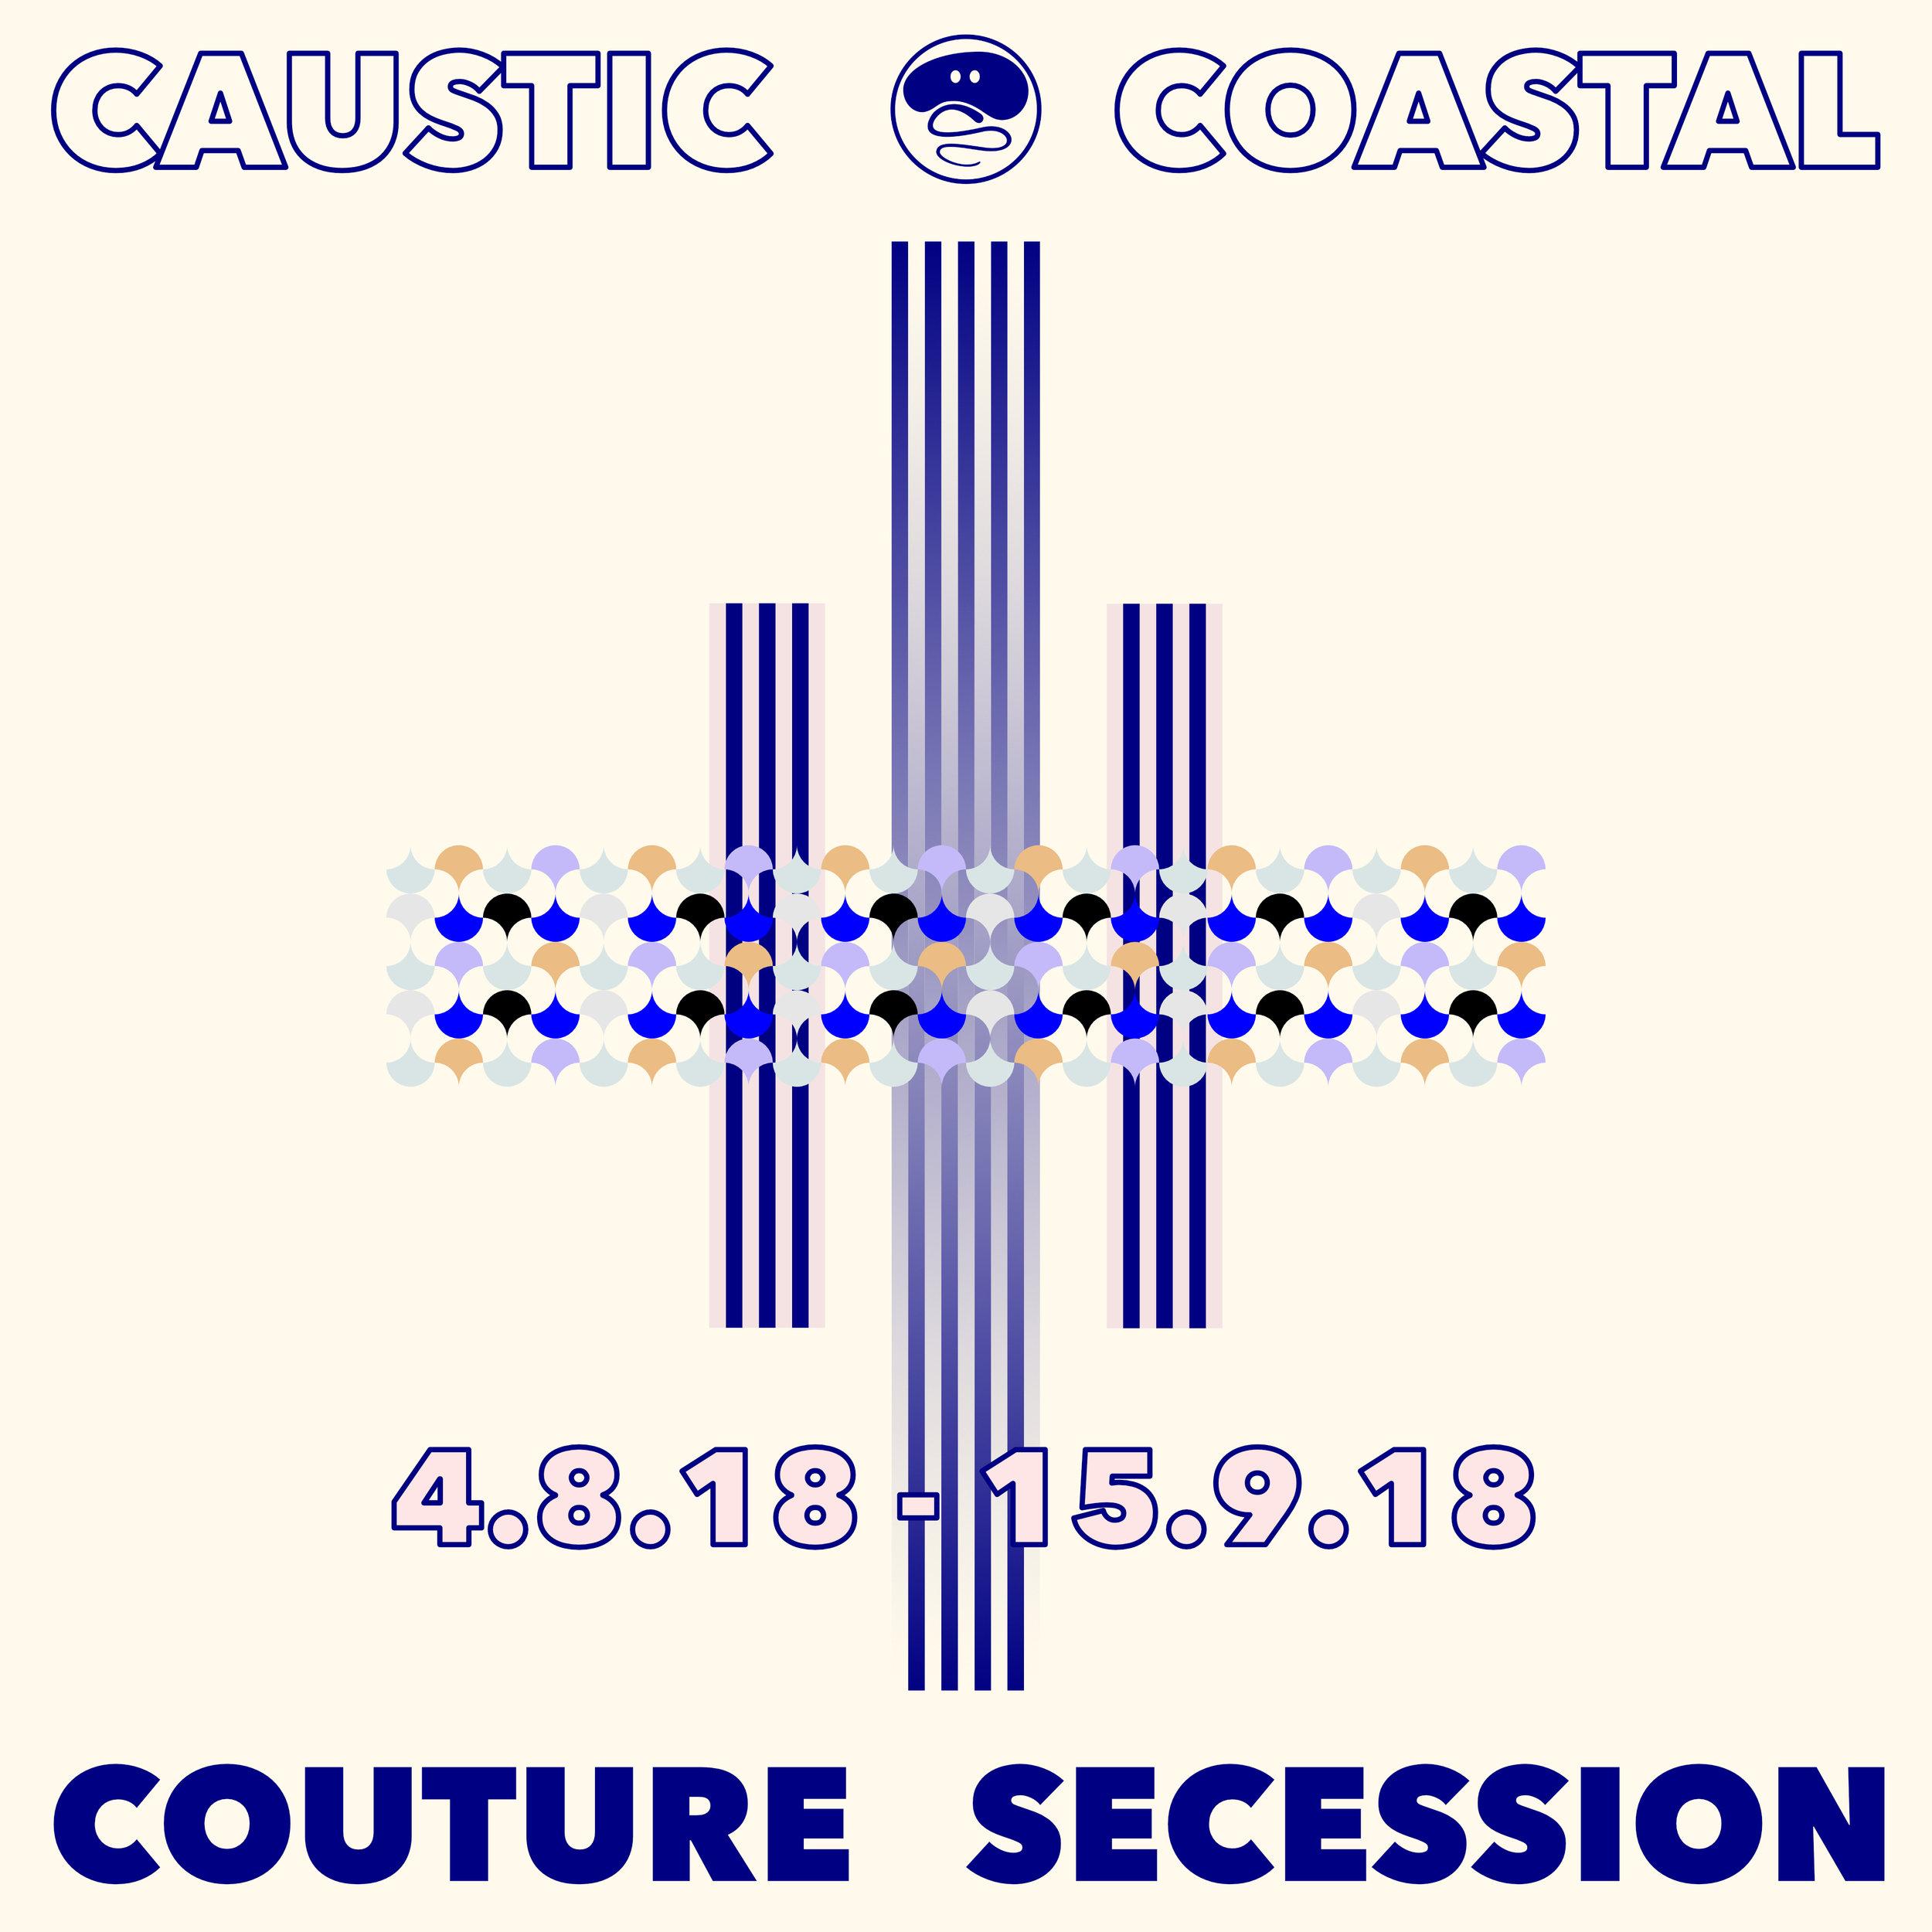 CC Couture Secession.jpg